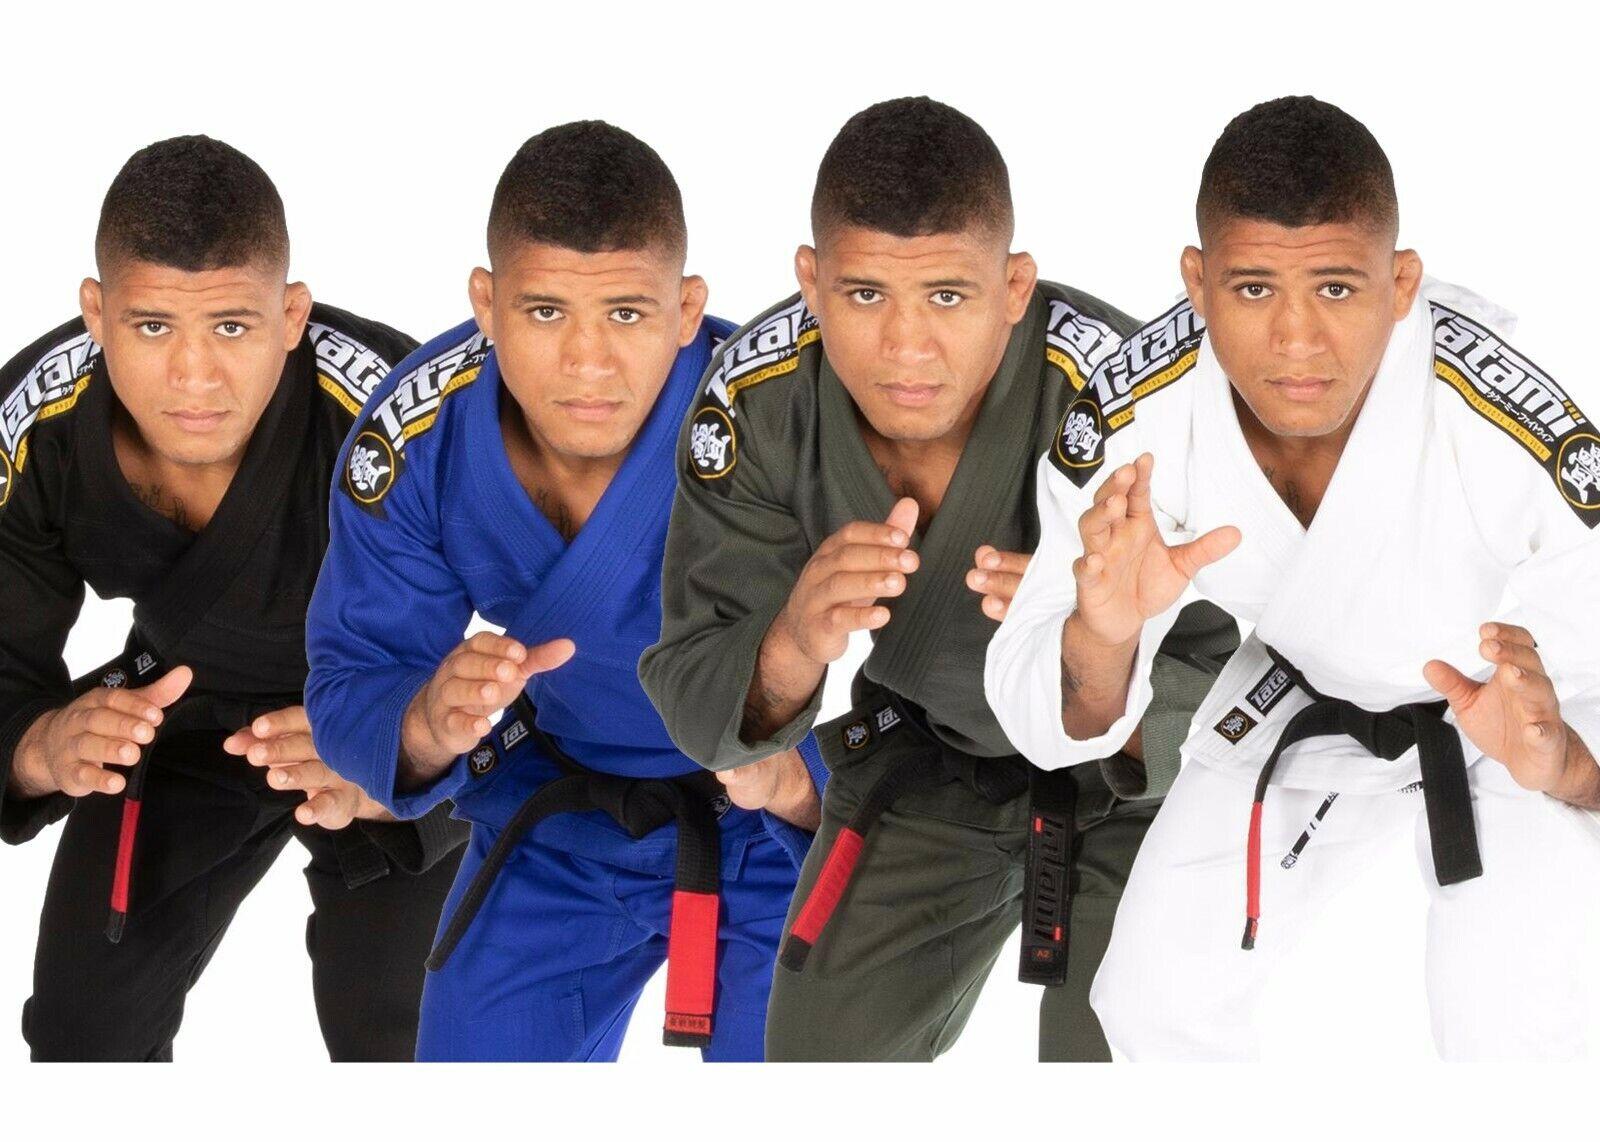 Tatami Nova Bjj Brazilian Jiu Jitsu Herren Uniform A1 A2 A3 A4 A5 A6